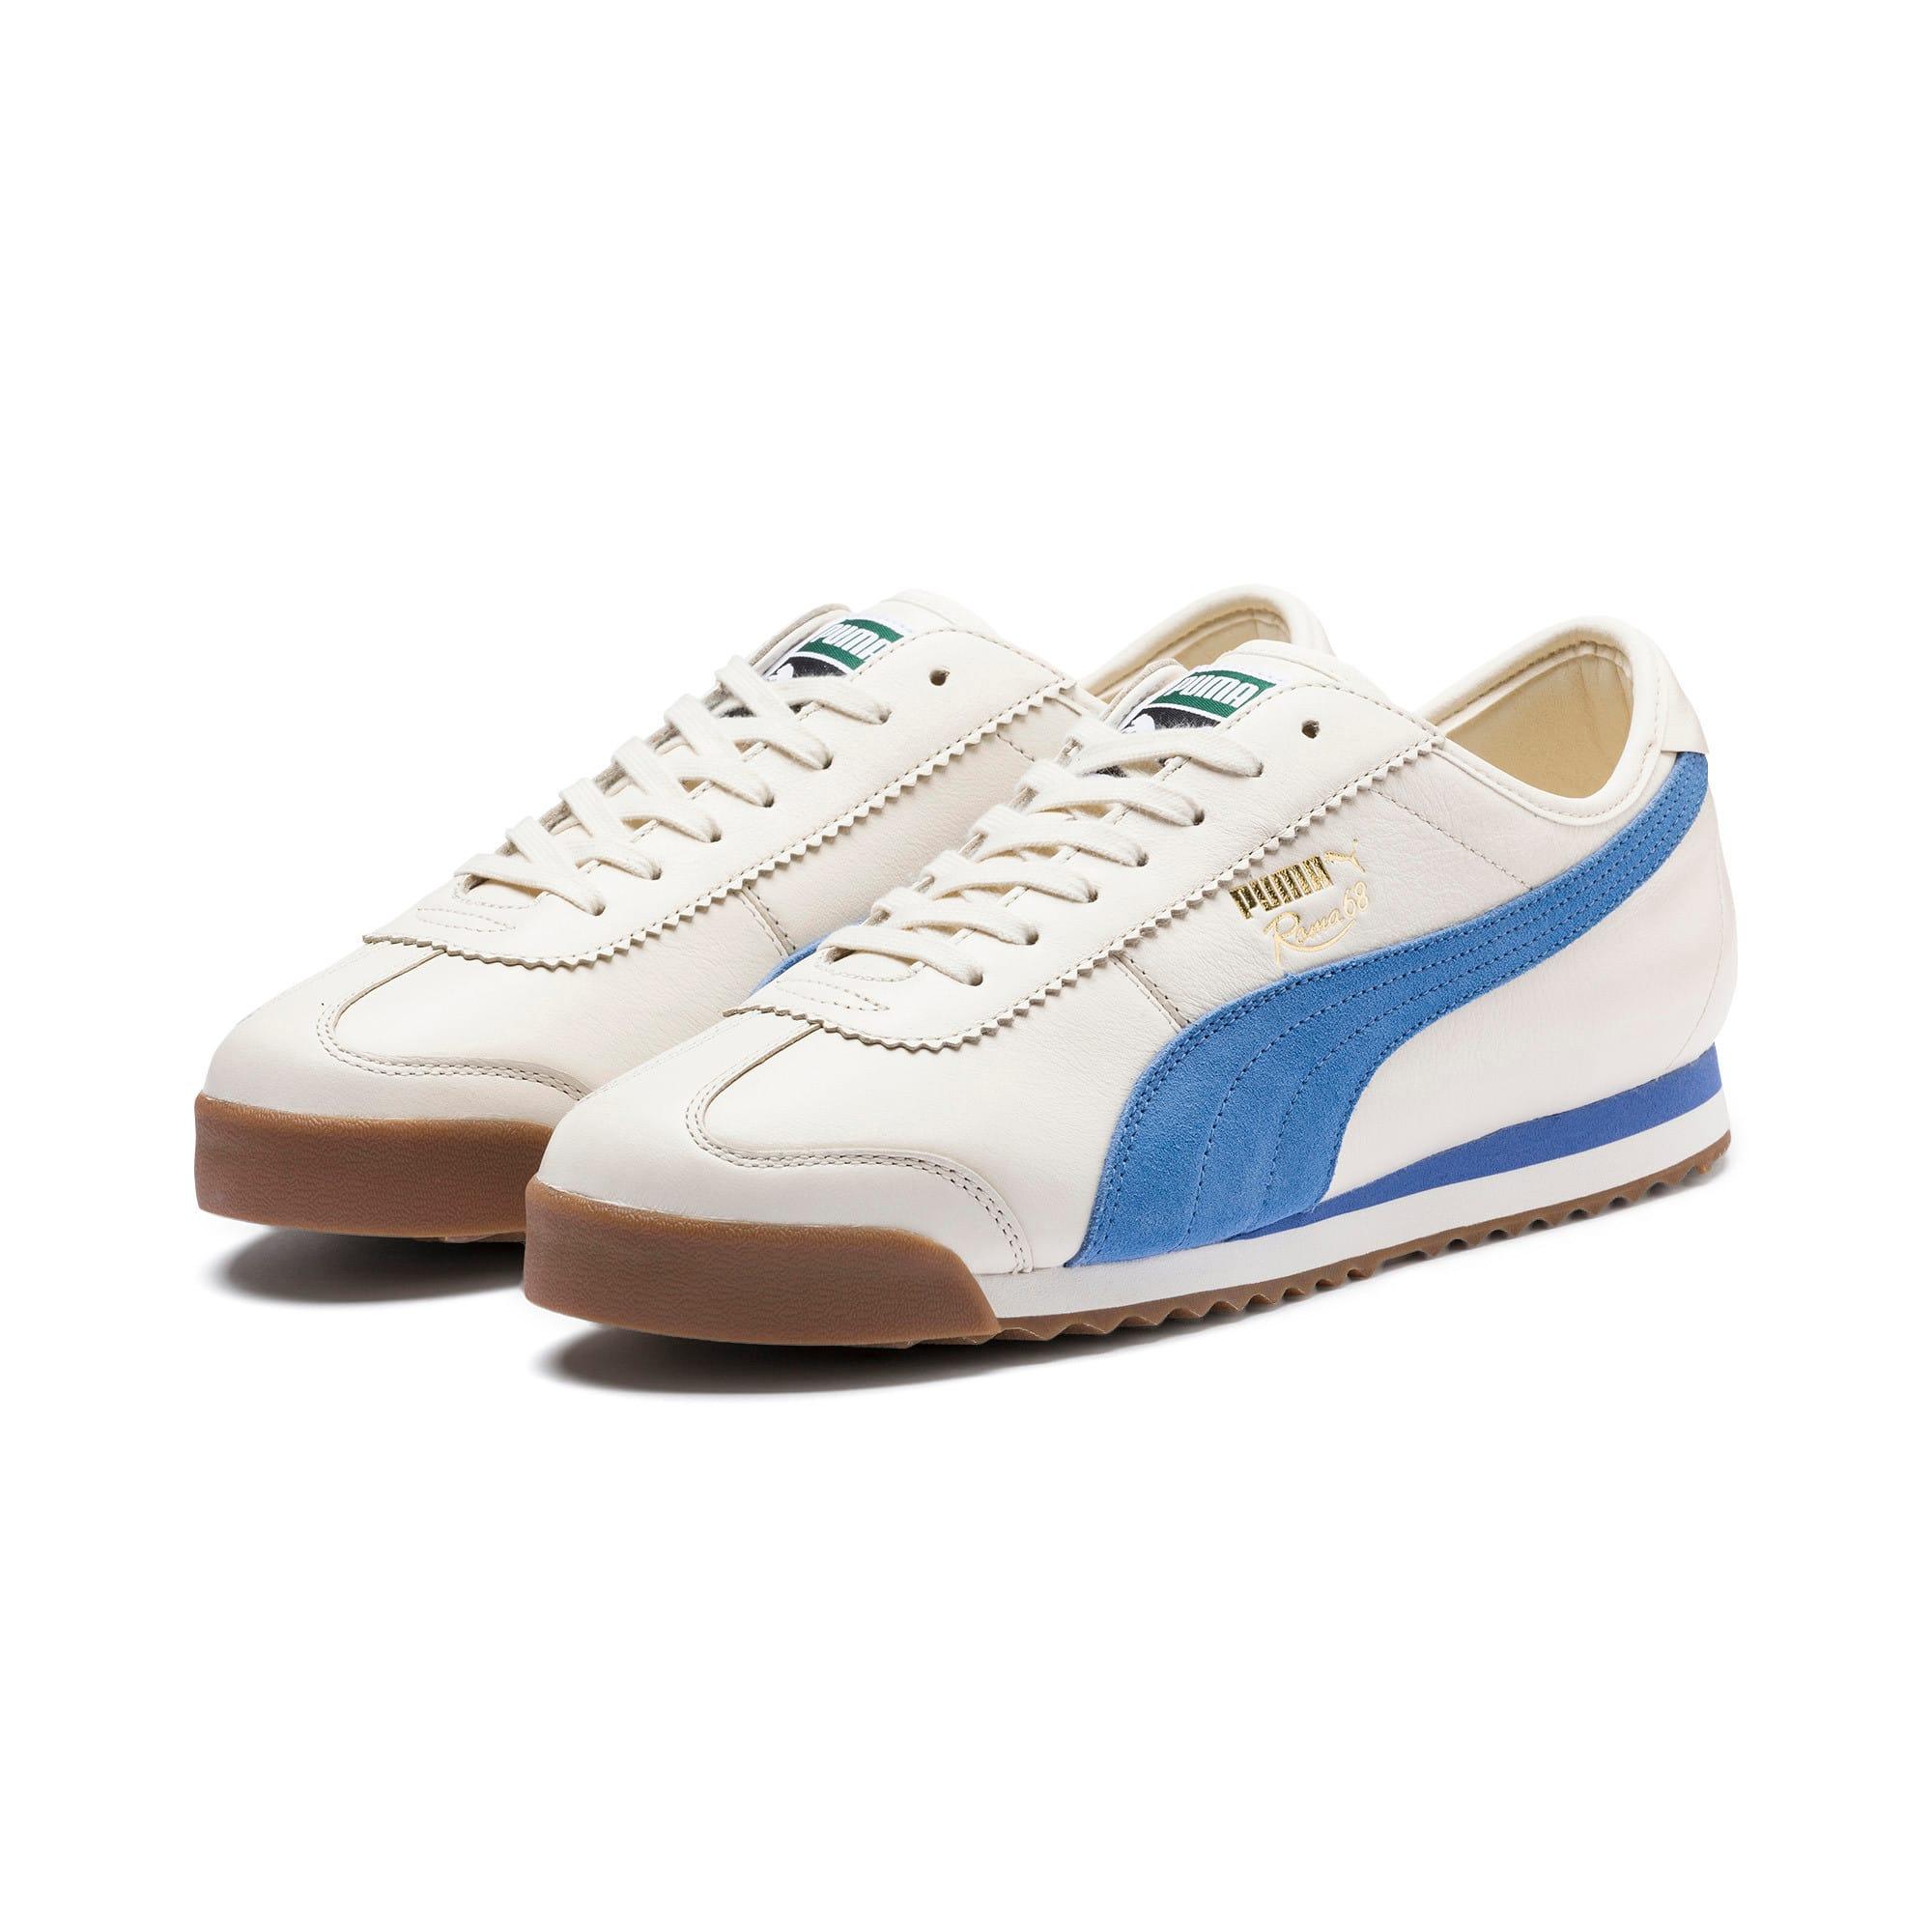 Miniatura 3 de Zapatos deportivosRoma '68 OG, Whisper White-Blue Yonder, mediano